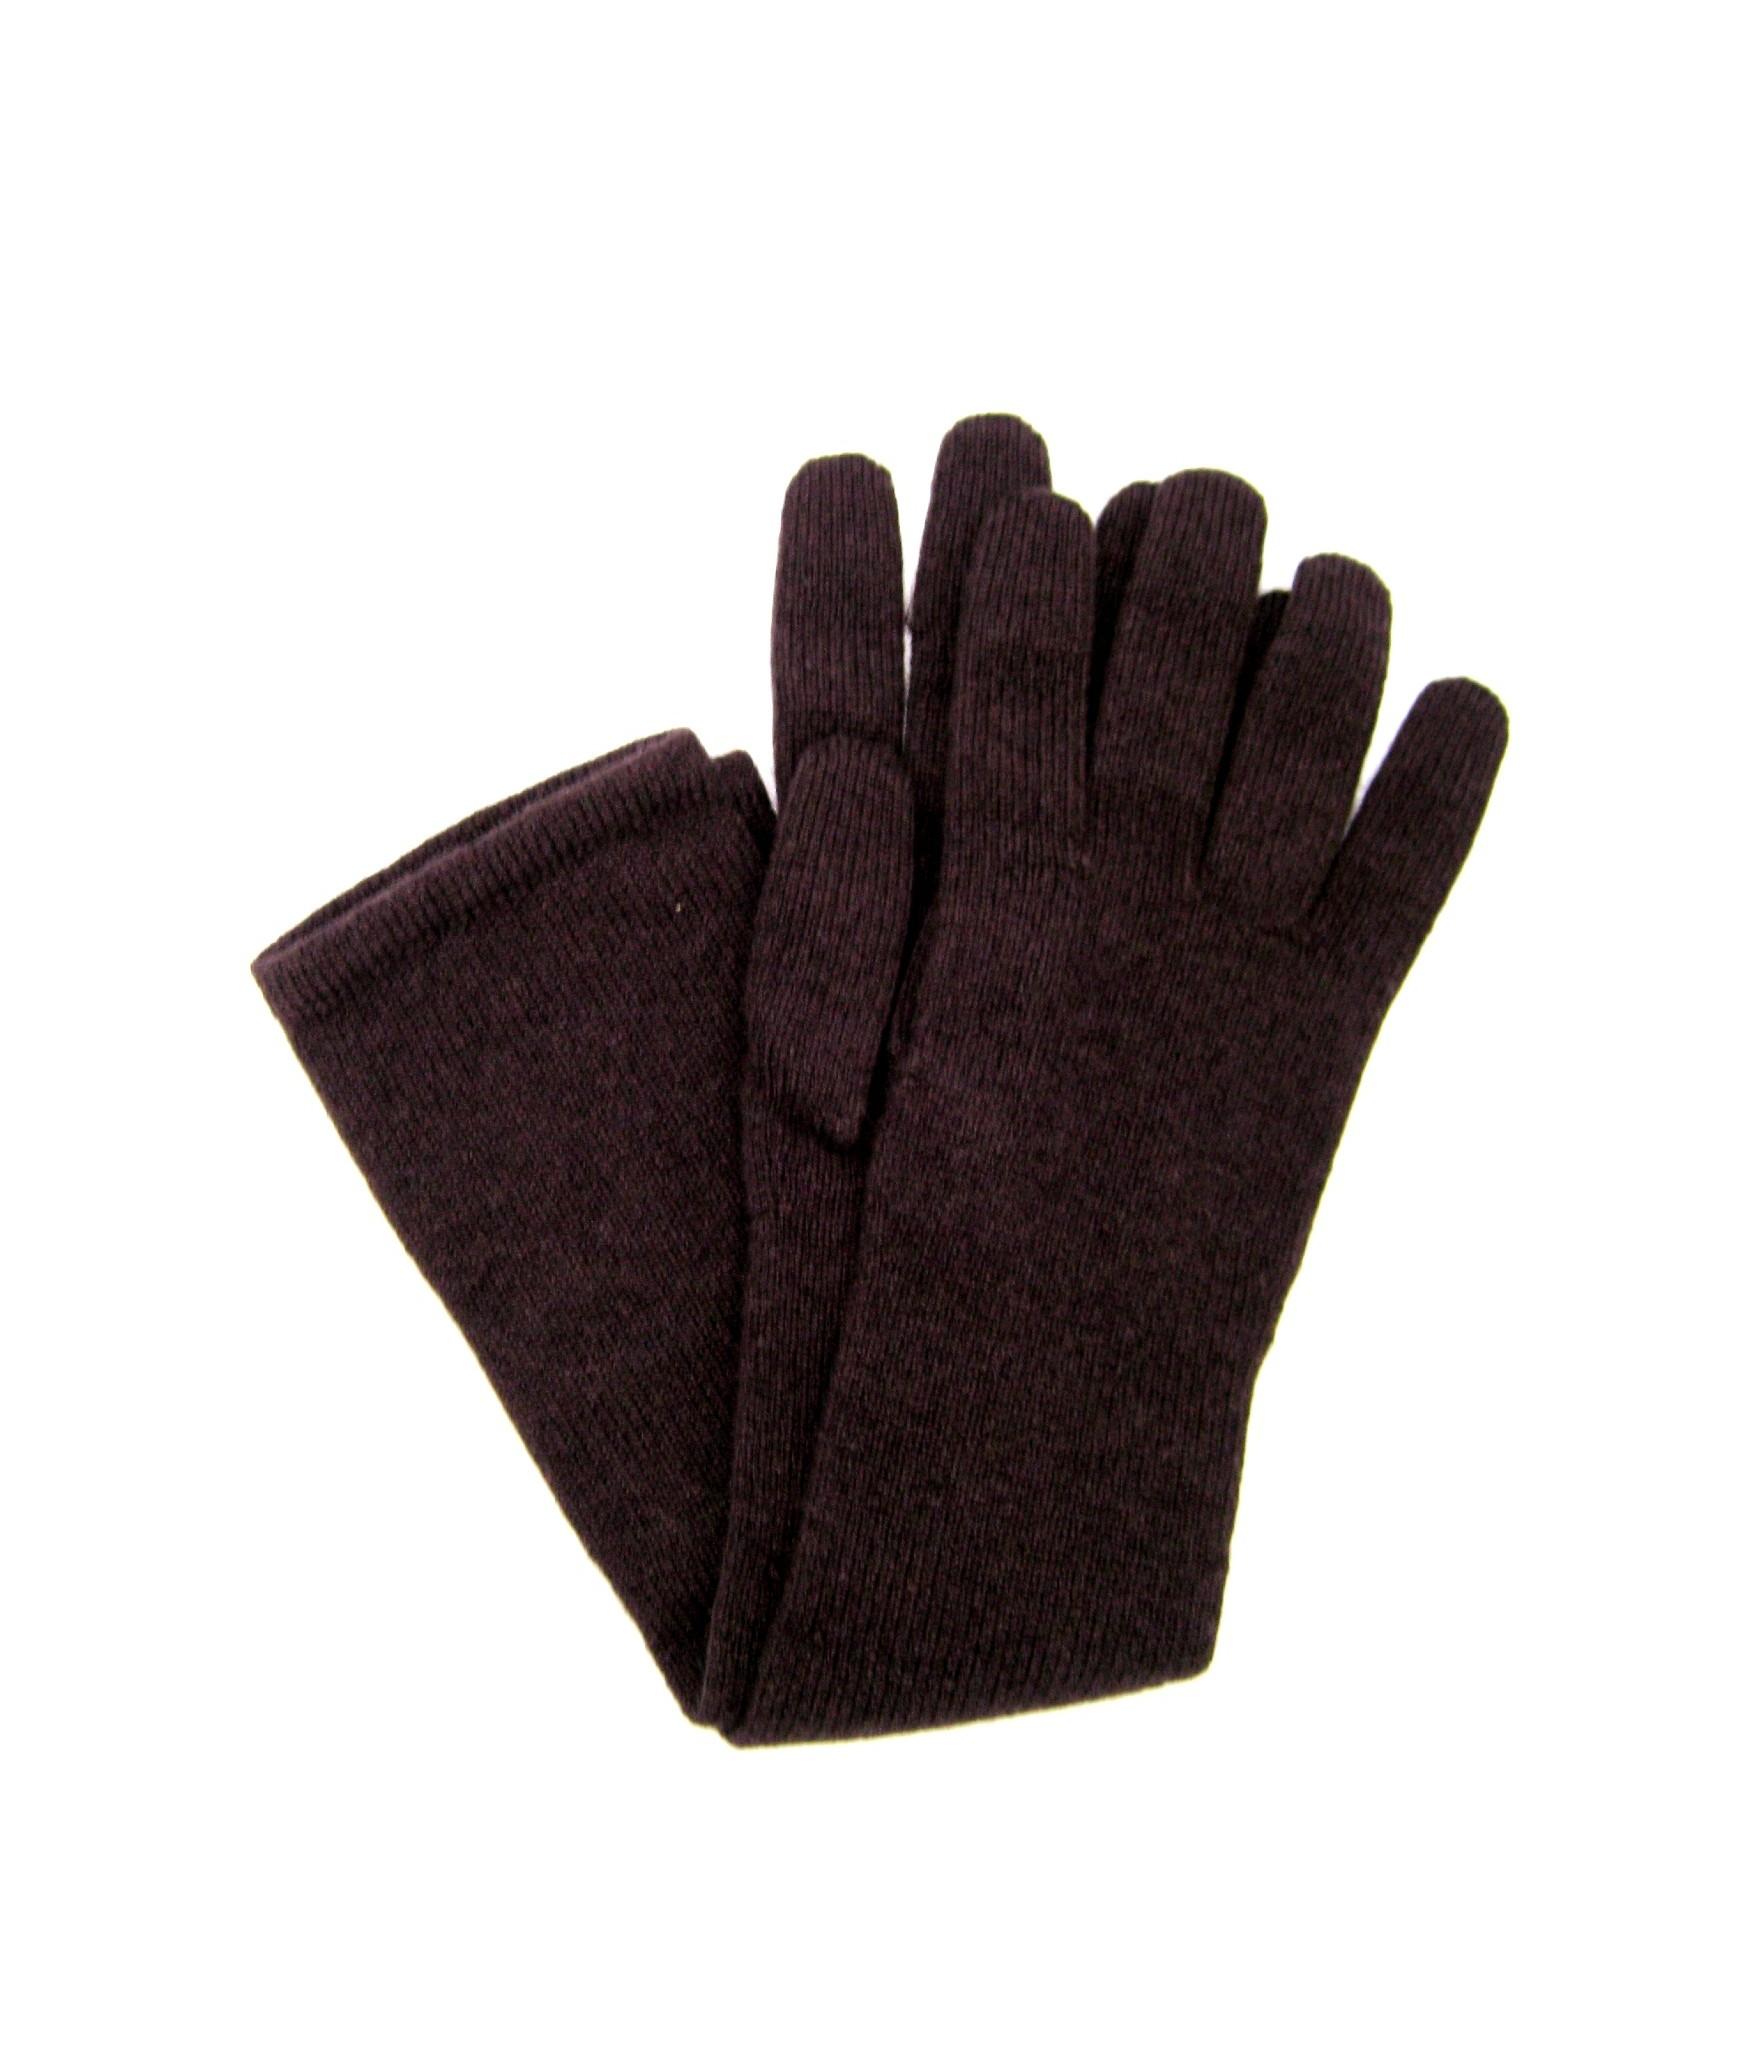 100%cashmere gloves 10bt Dark Brown Sermoneta Gloves Leather